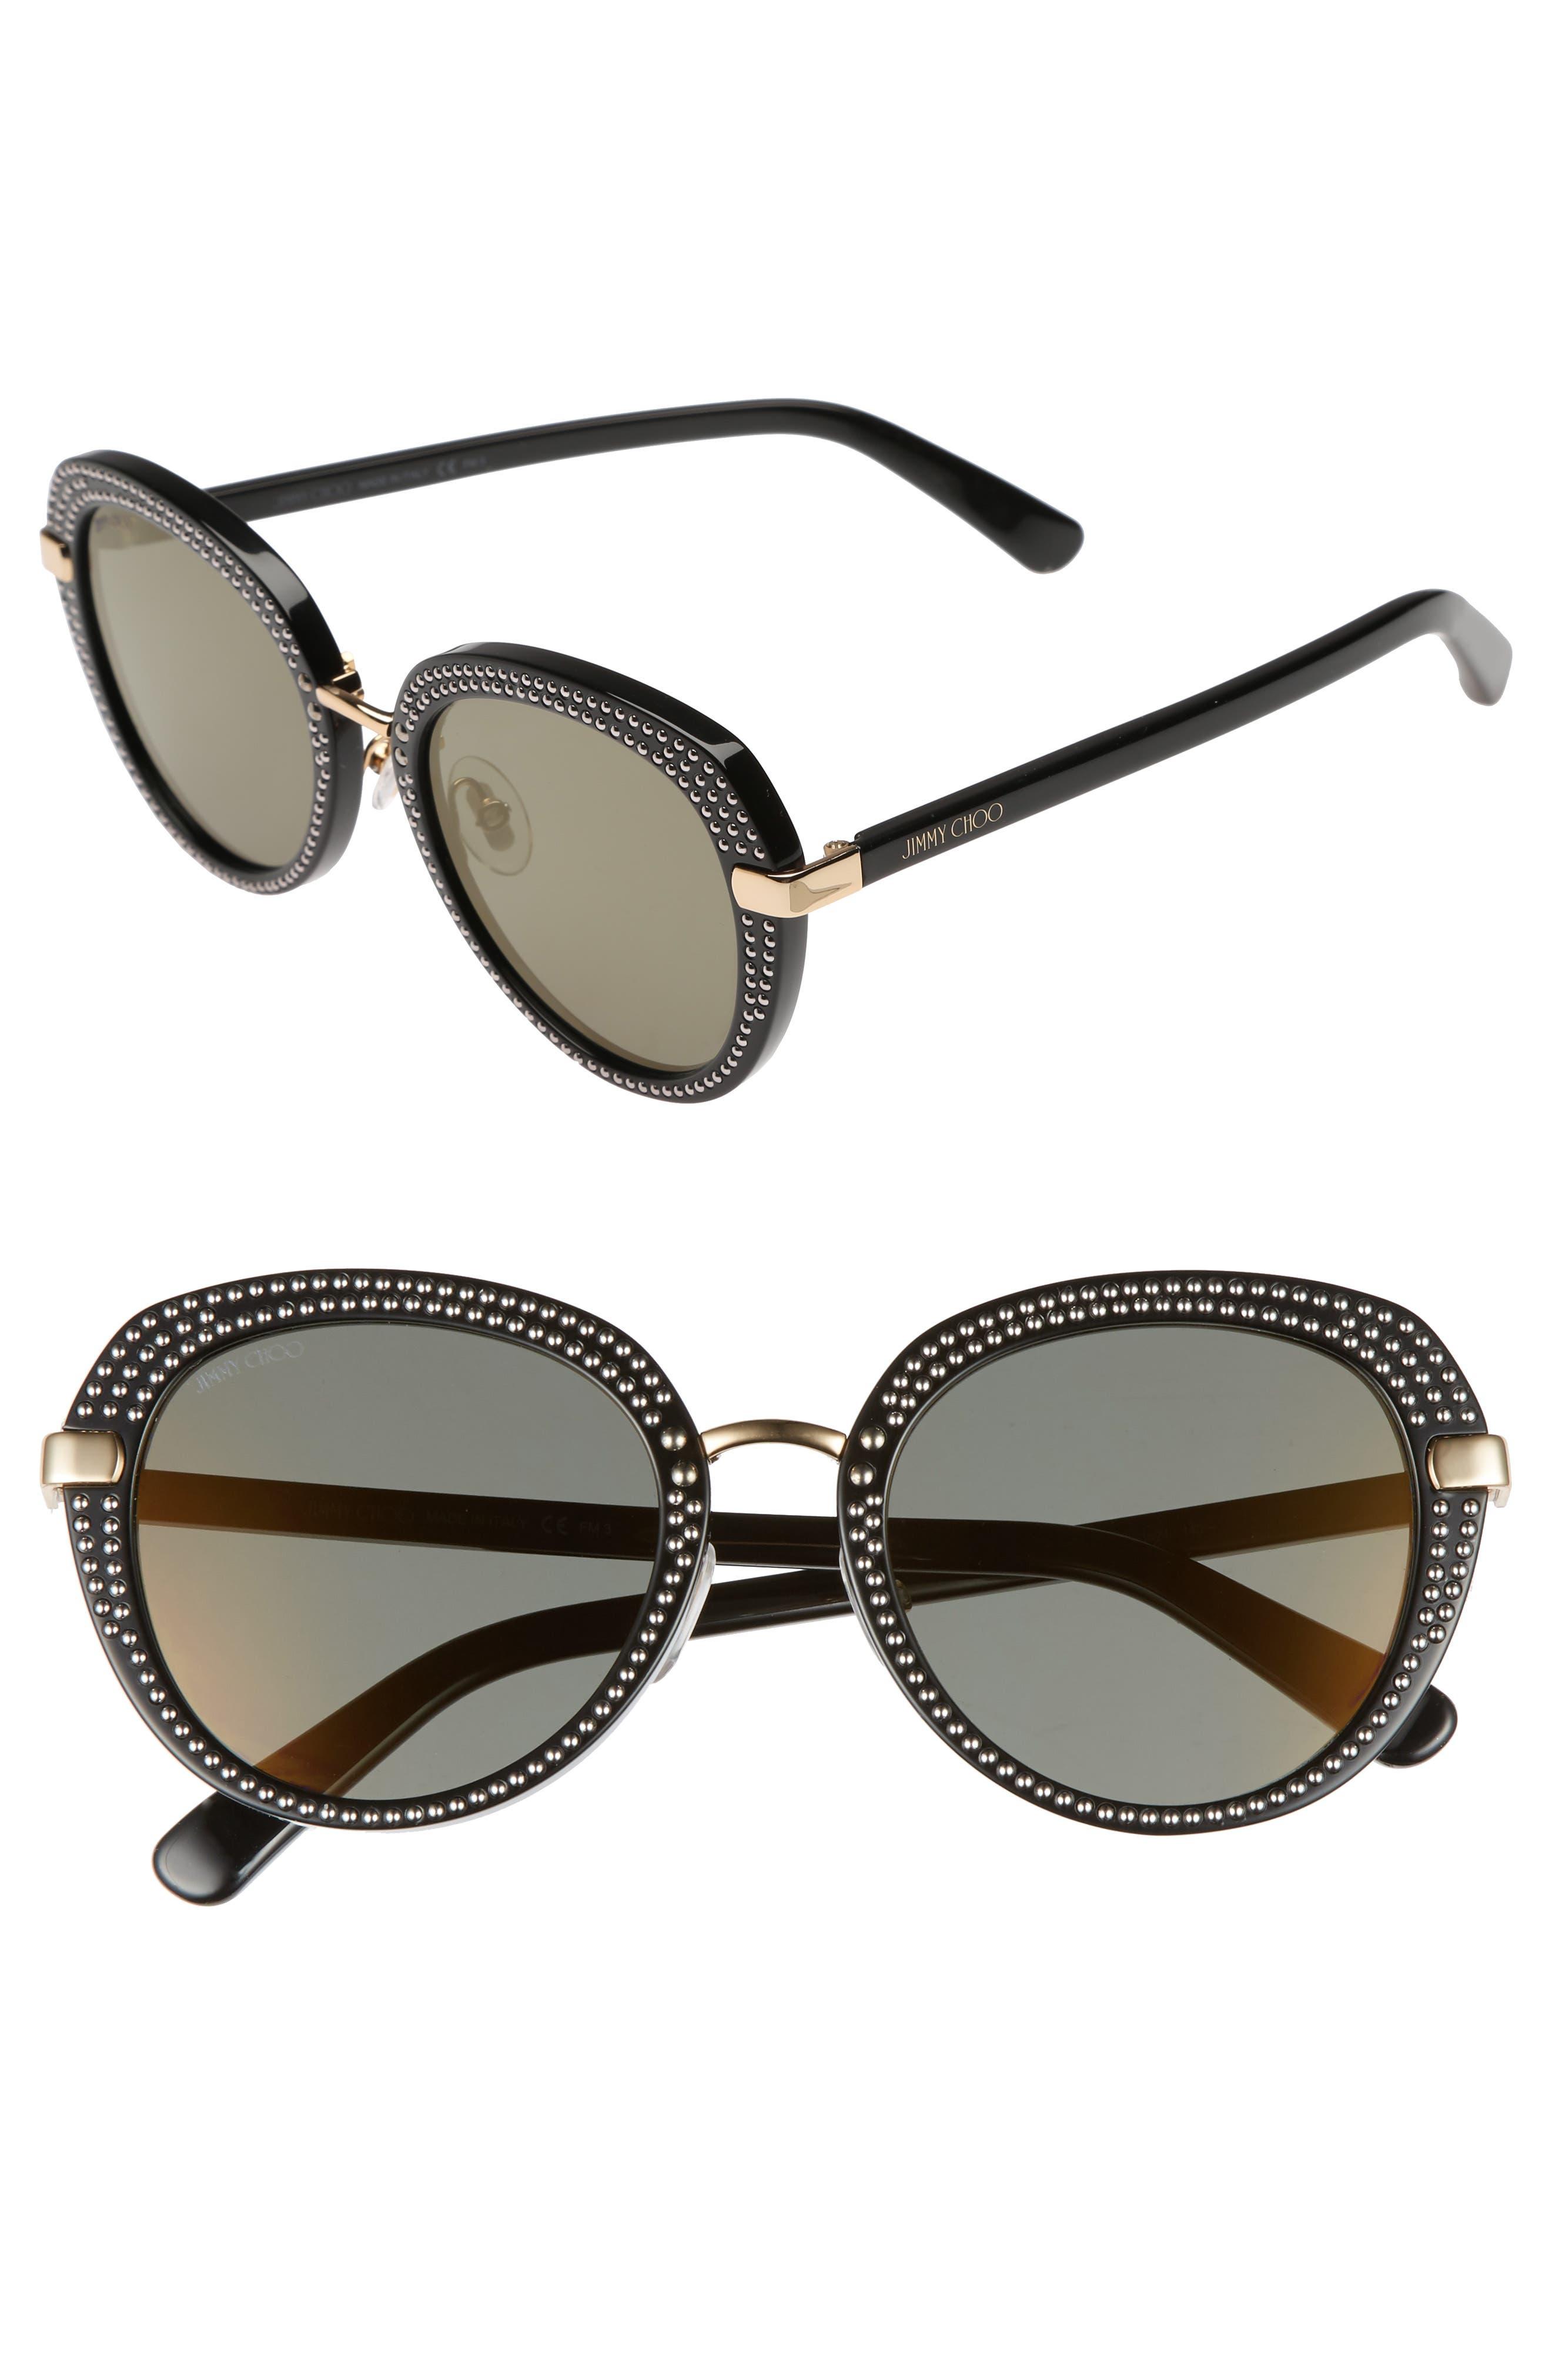 Moris 52mm Oversize Sunglasses,                             Main thumbnail 1, color,                             BLACK GOLD